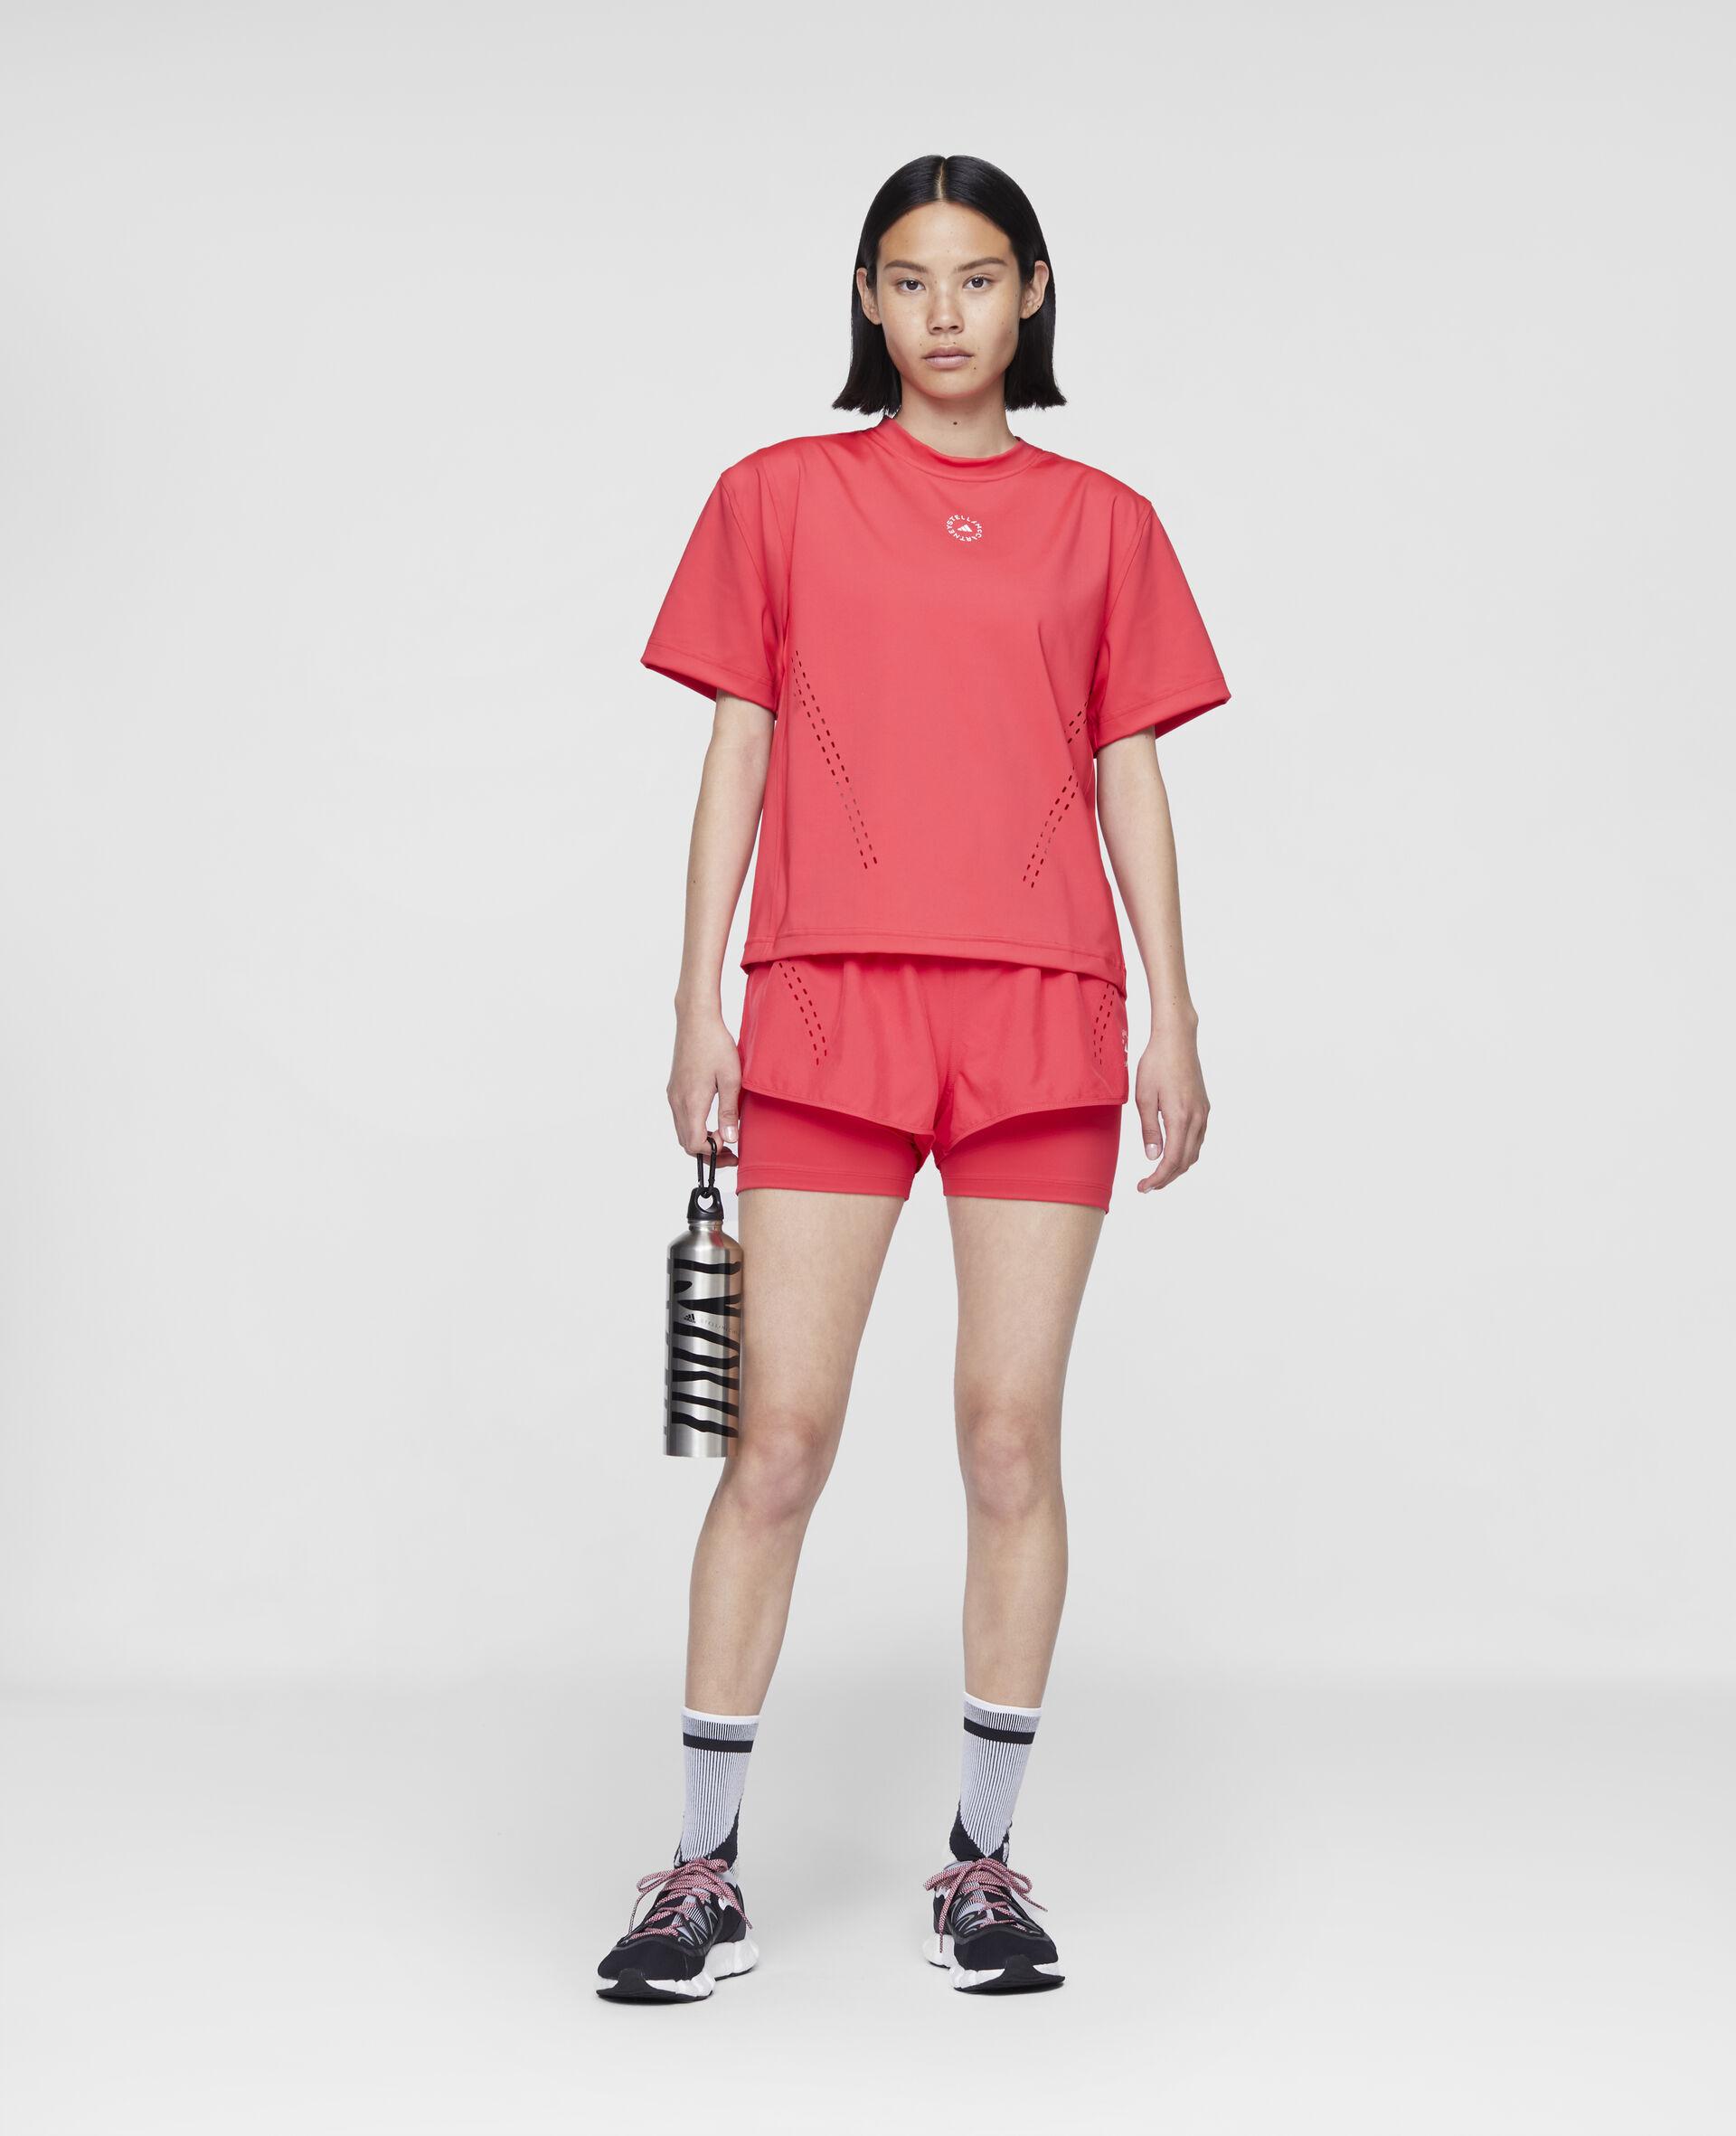 粉色 TruePurpose 训练短裤-粉色-large image number 1